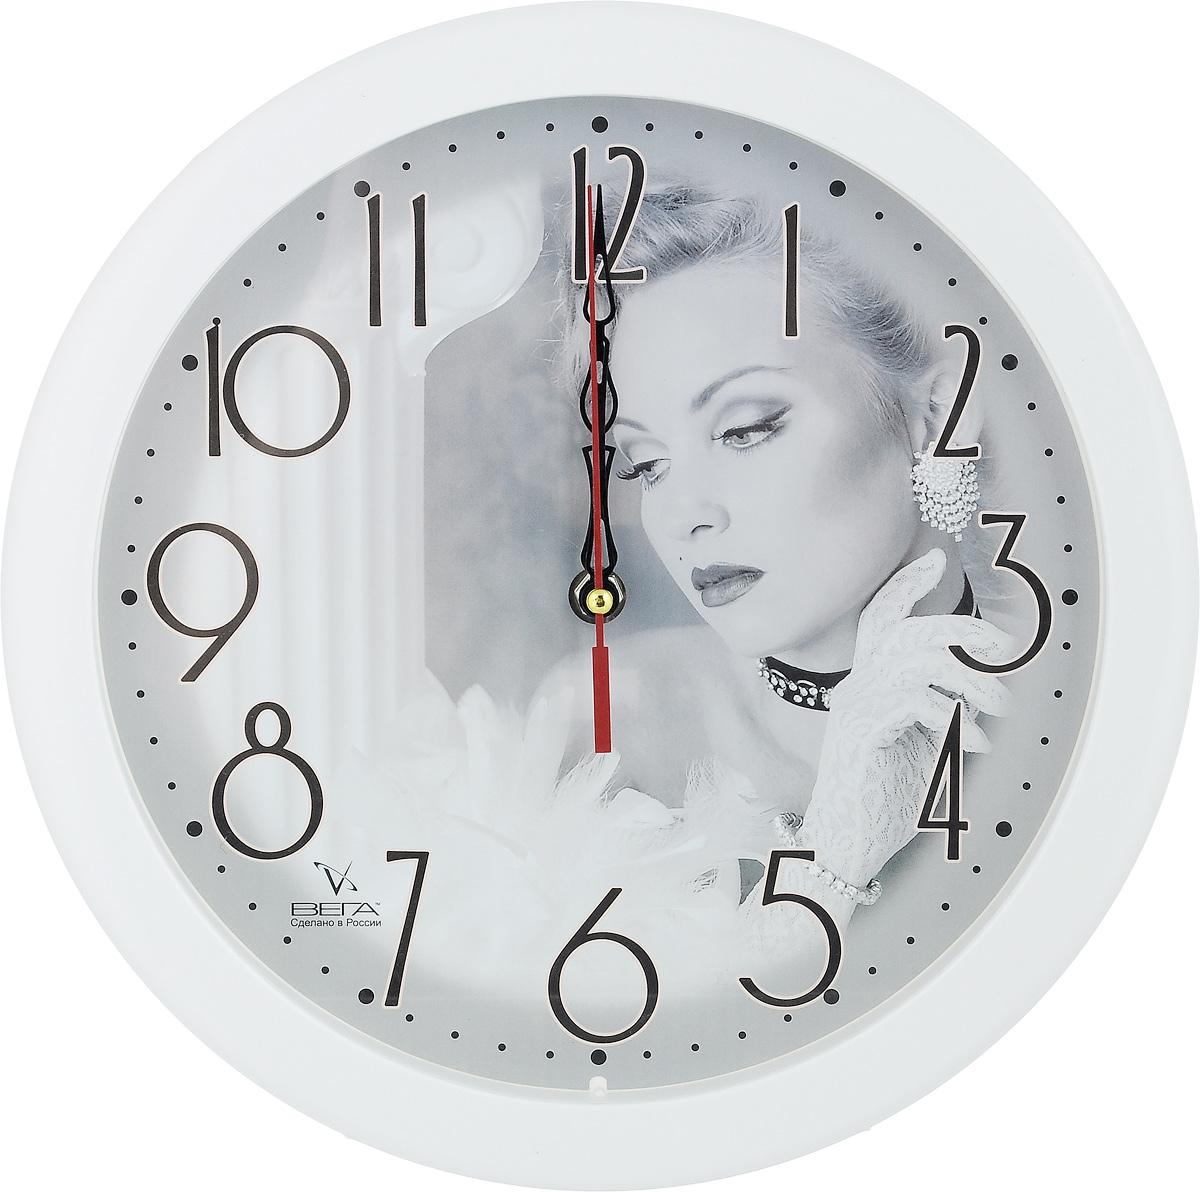 Часы настенные Вега Актриса, диаметр 28,5 см94672Настенные кварцевые часы Вега Актриса, изготовленные из пластика, прекрасно впишутся в интерьер вашего дома. Круглые часы имеют три стрелки: часовую, минутную и секундную, циферблат защищен прозрачным стеклом. Часы работают от 1 батарейки типа АА напряжением 1,5 В (не входит в комплект). Диаметр часов: 28,5 см.